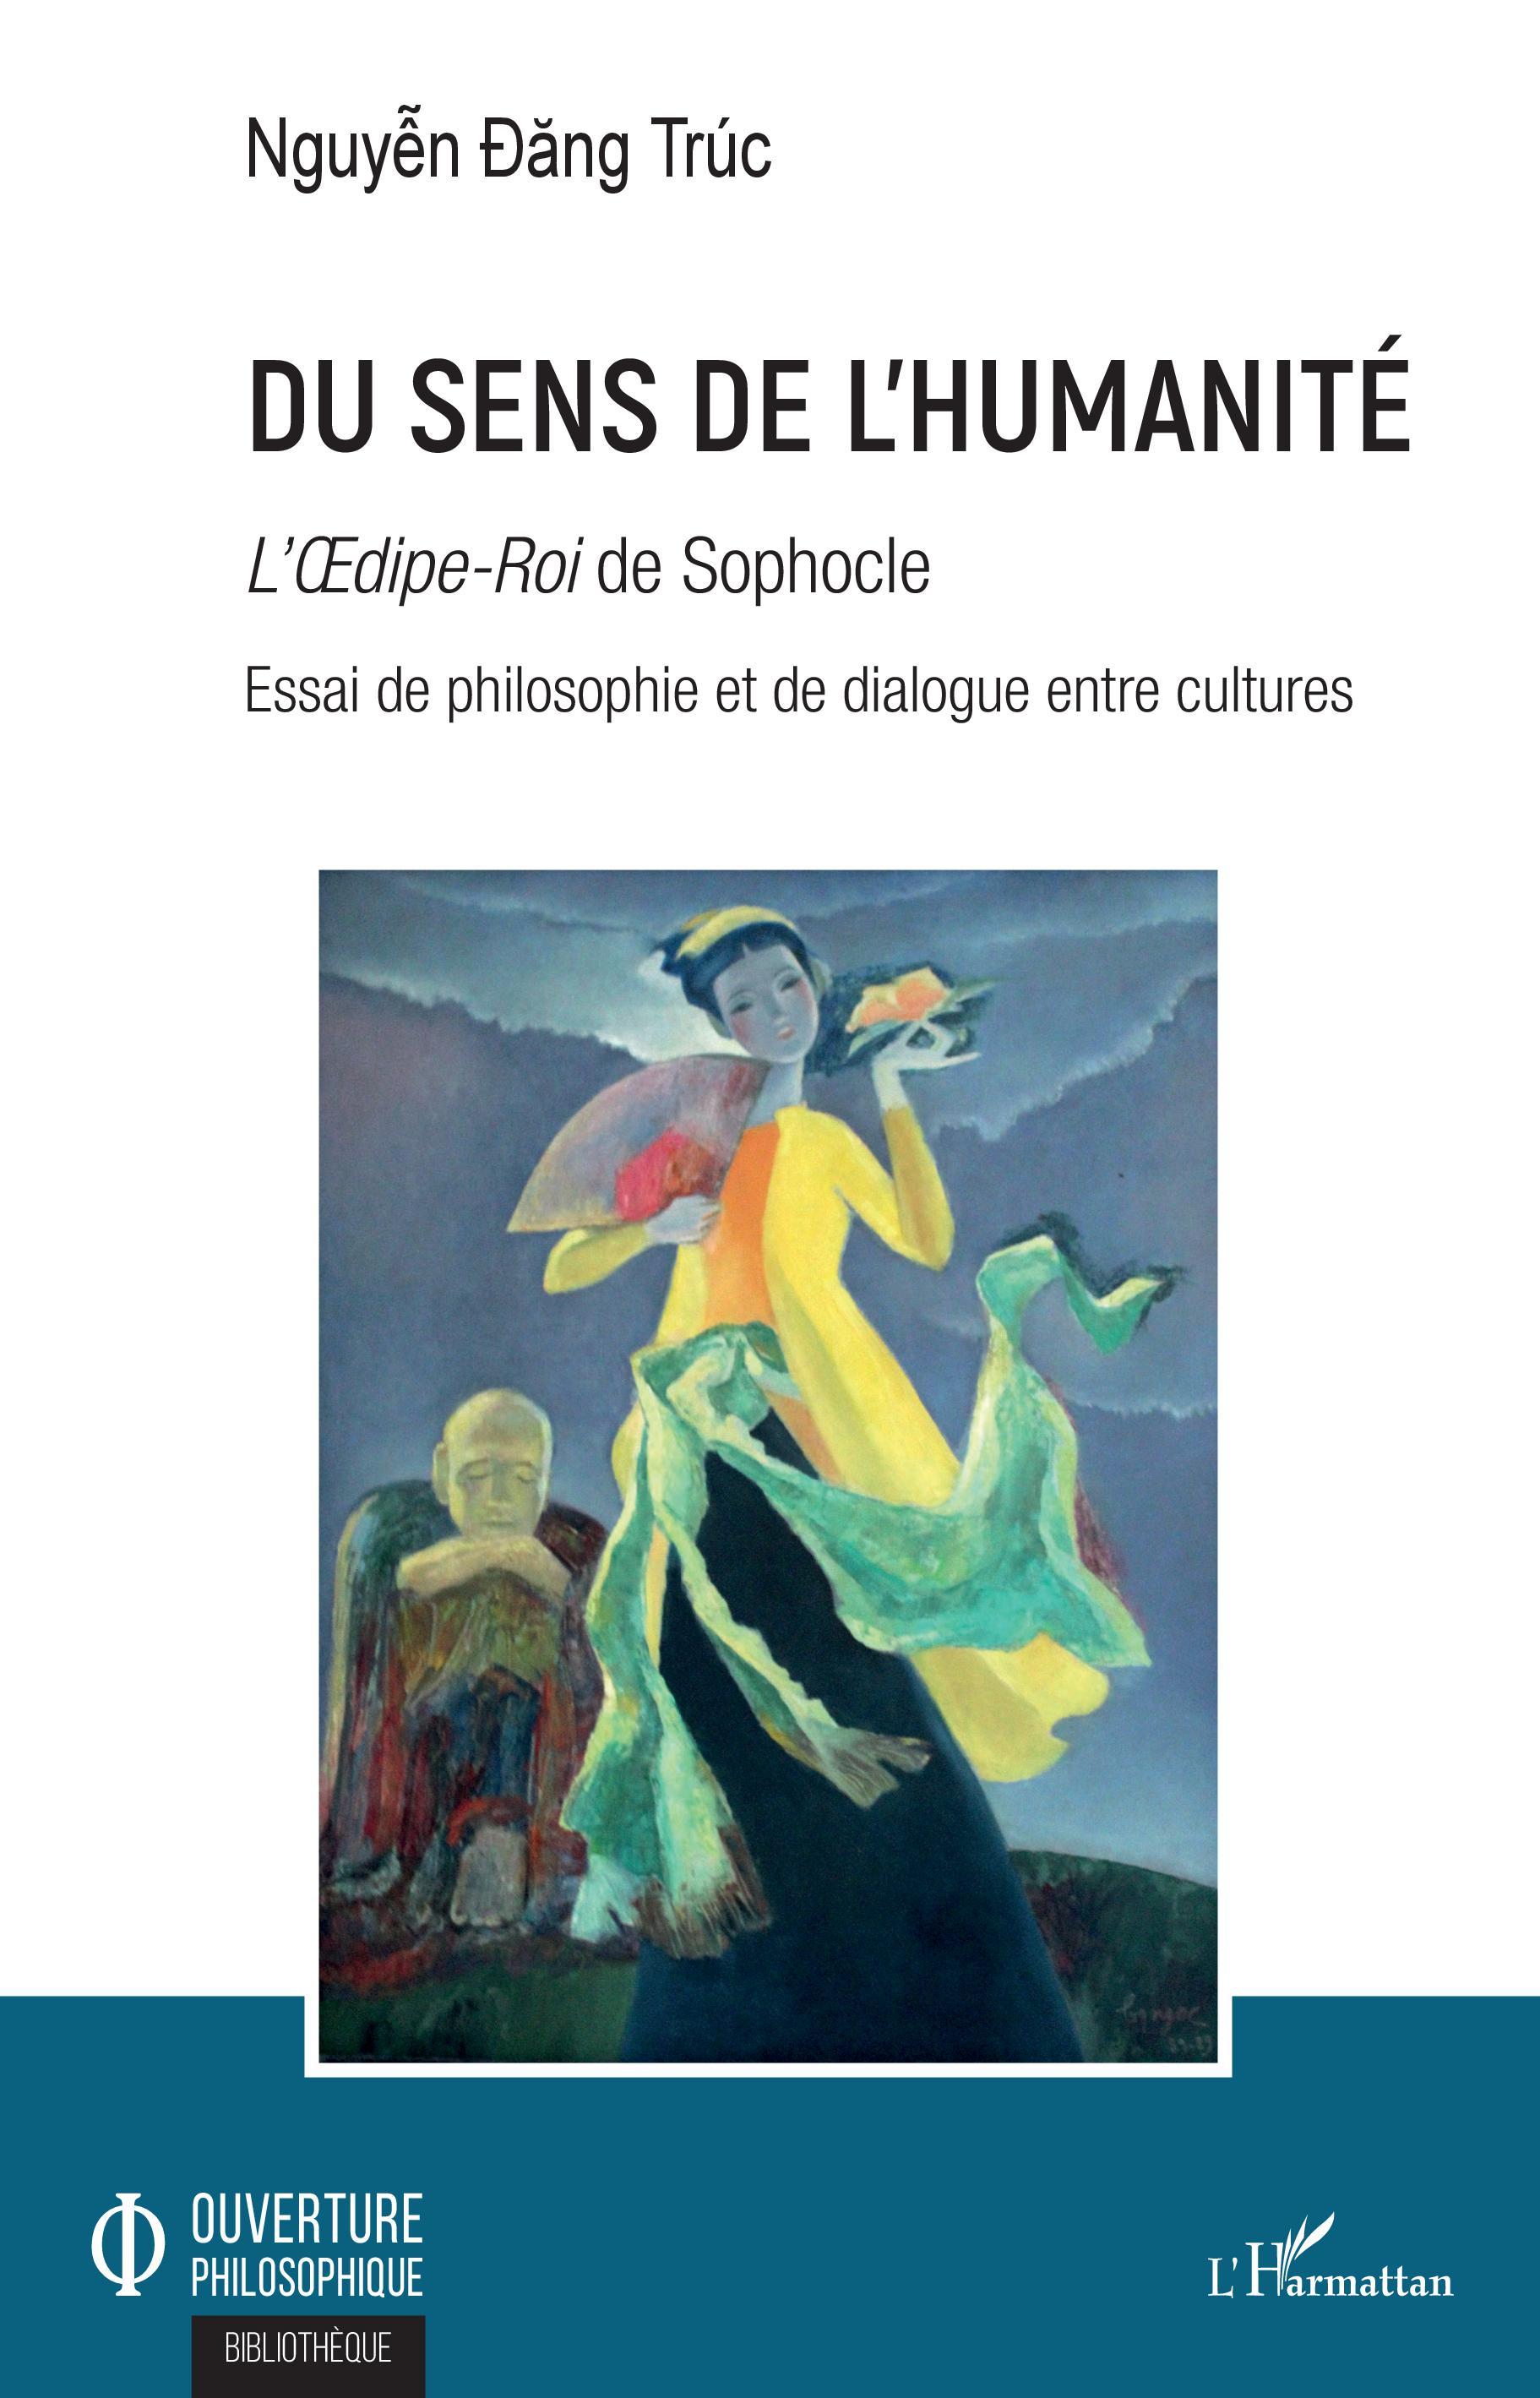 D. T. Nguyen, Du sens de l'humanité - L'Oedipe-Roi de Sophocle - Essai de philosophie et de dialogue entre cultures